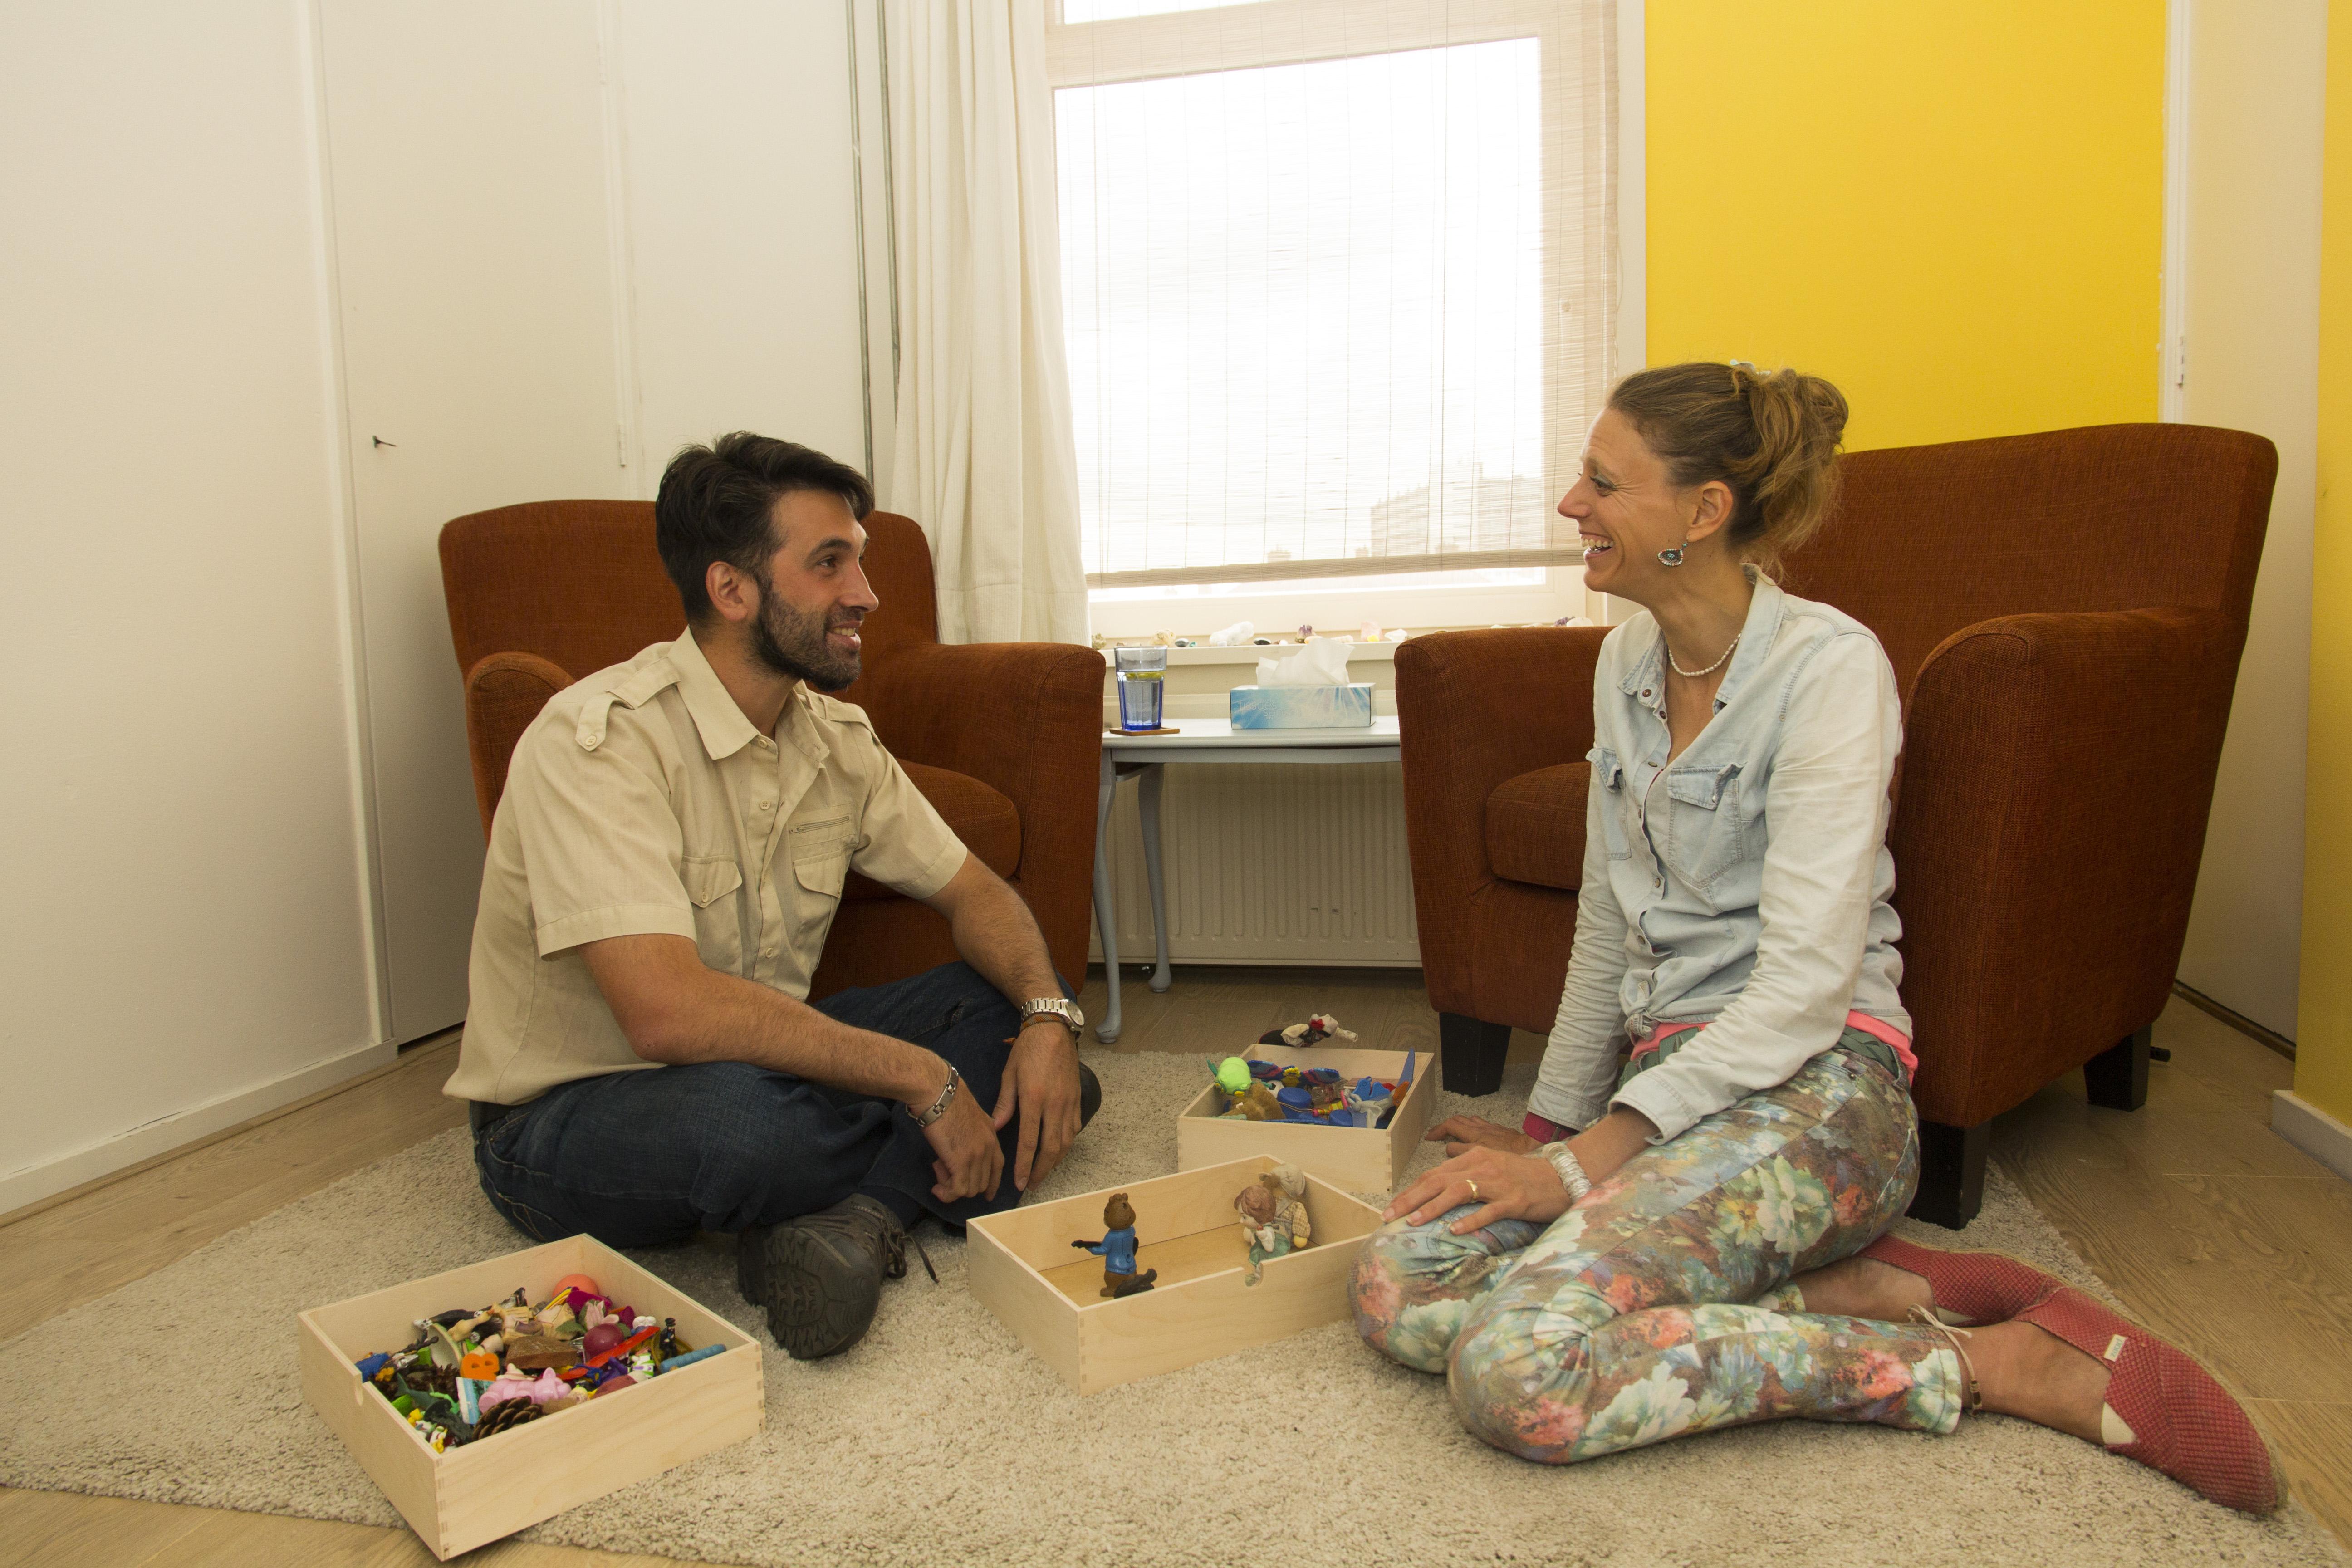 Gestalttherapie Studio Liefde